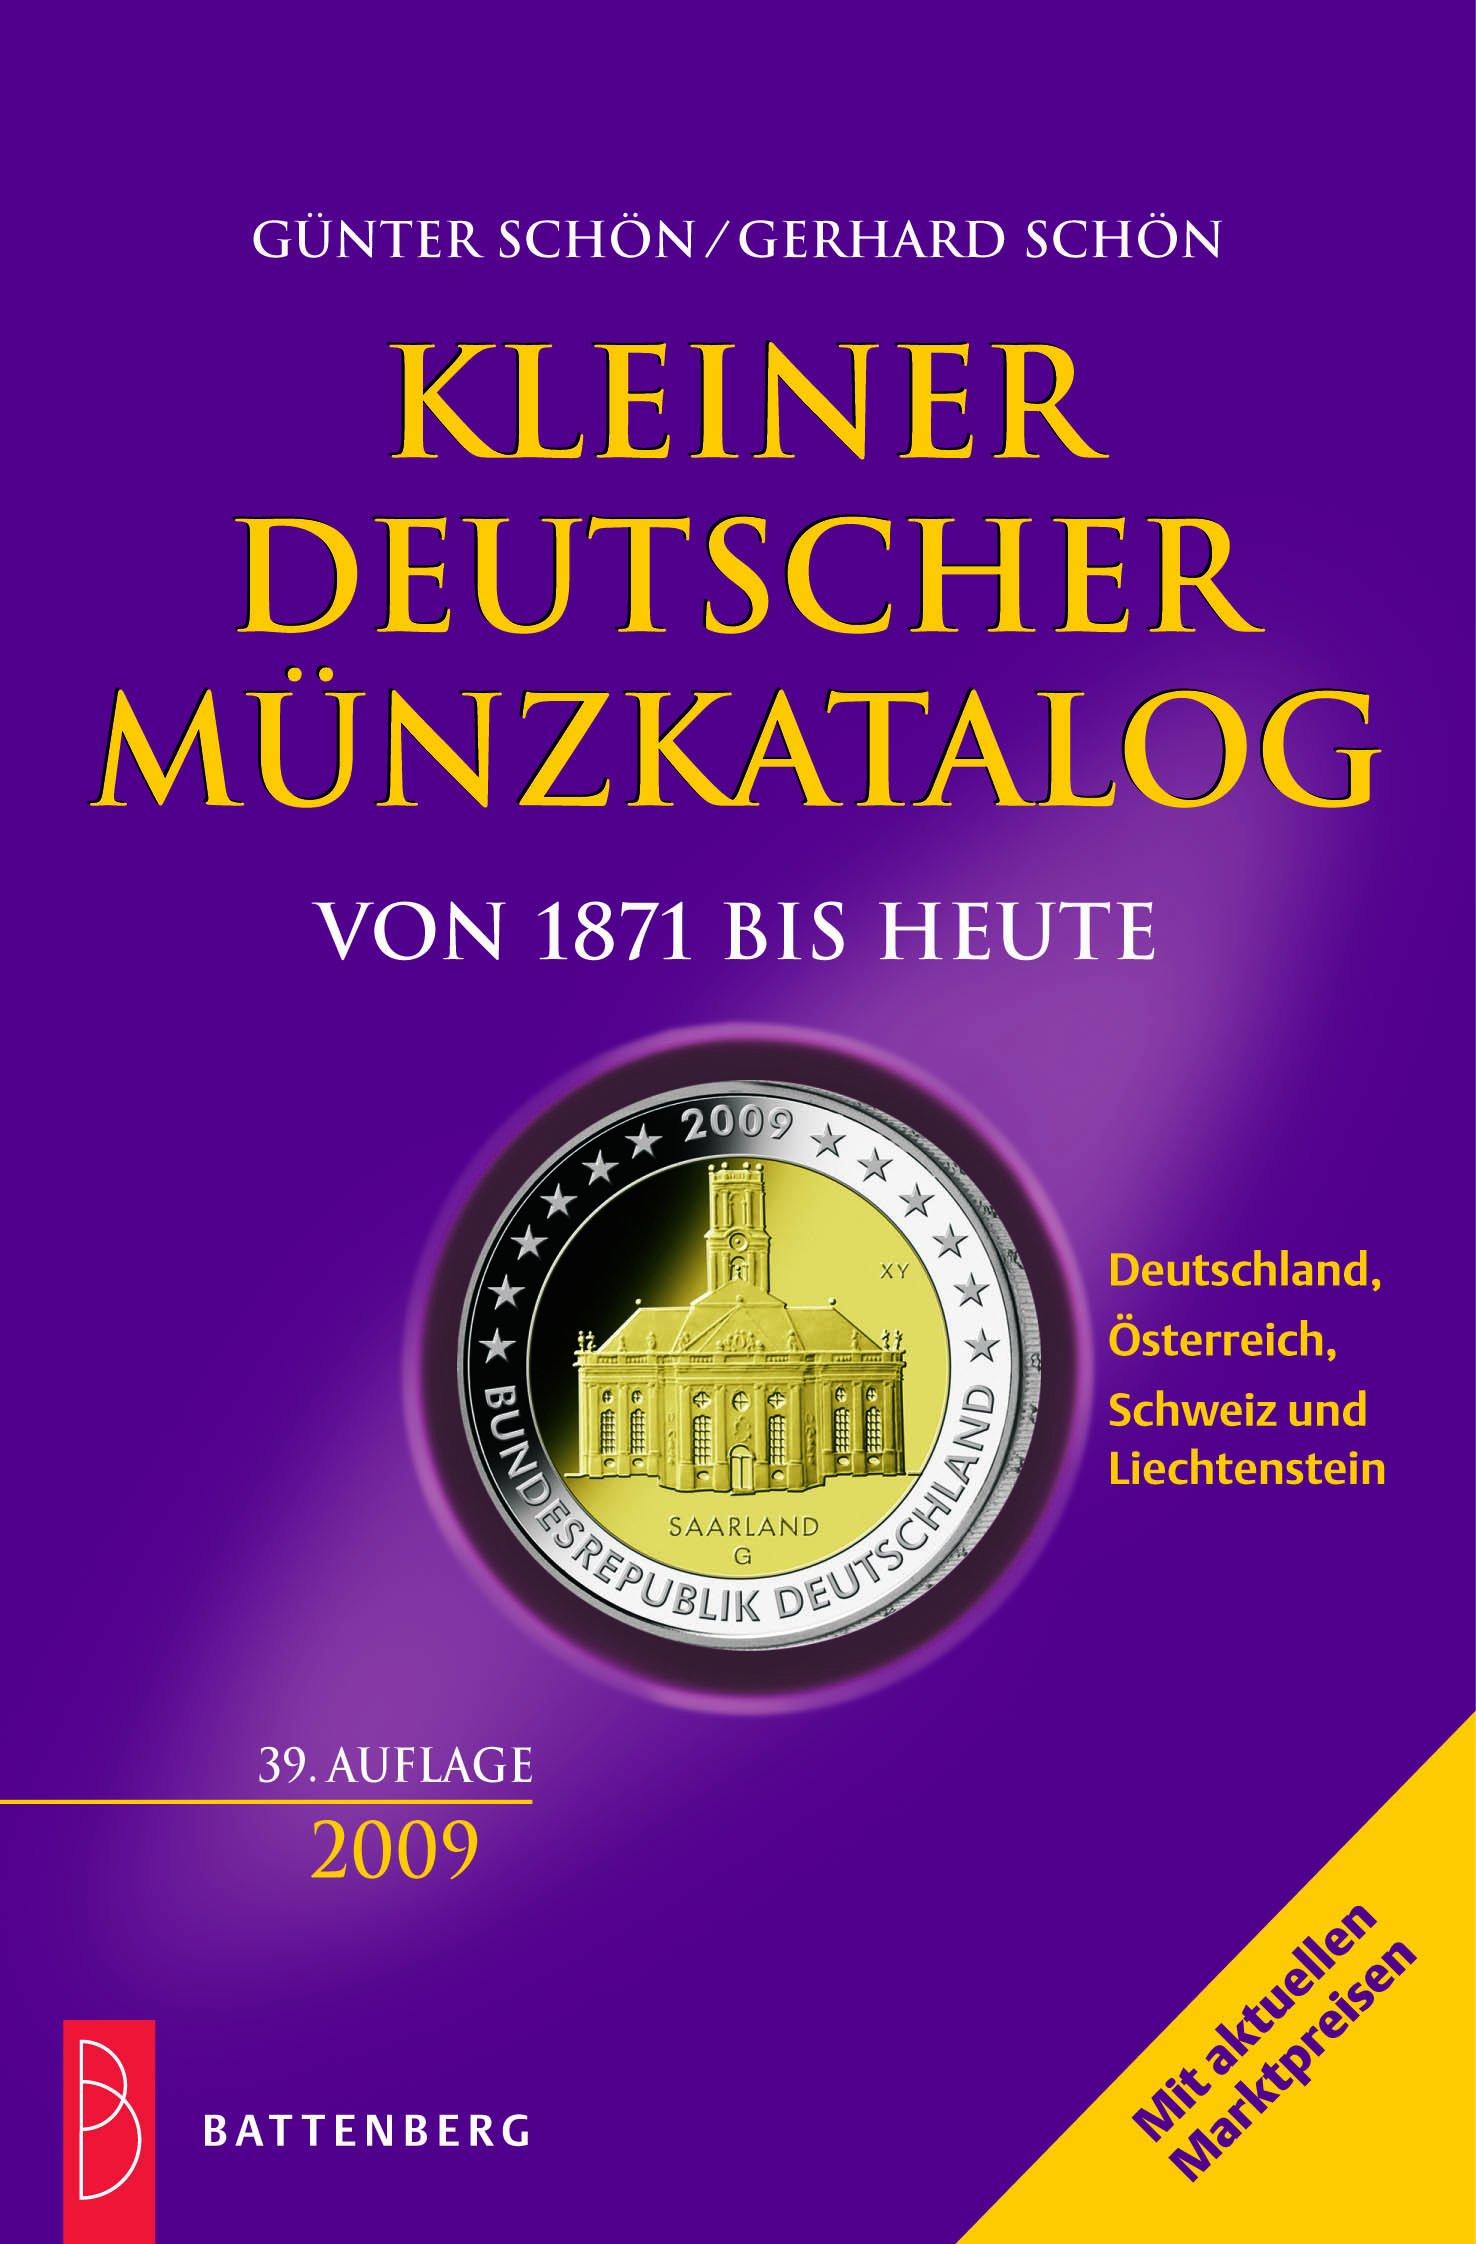 kleiner-deutscher-mnzkatalog-von-1871-bis-heute-2009-deutschland-sterreich-schweiz-und-liechtenstein